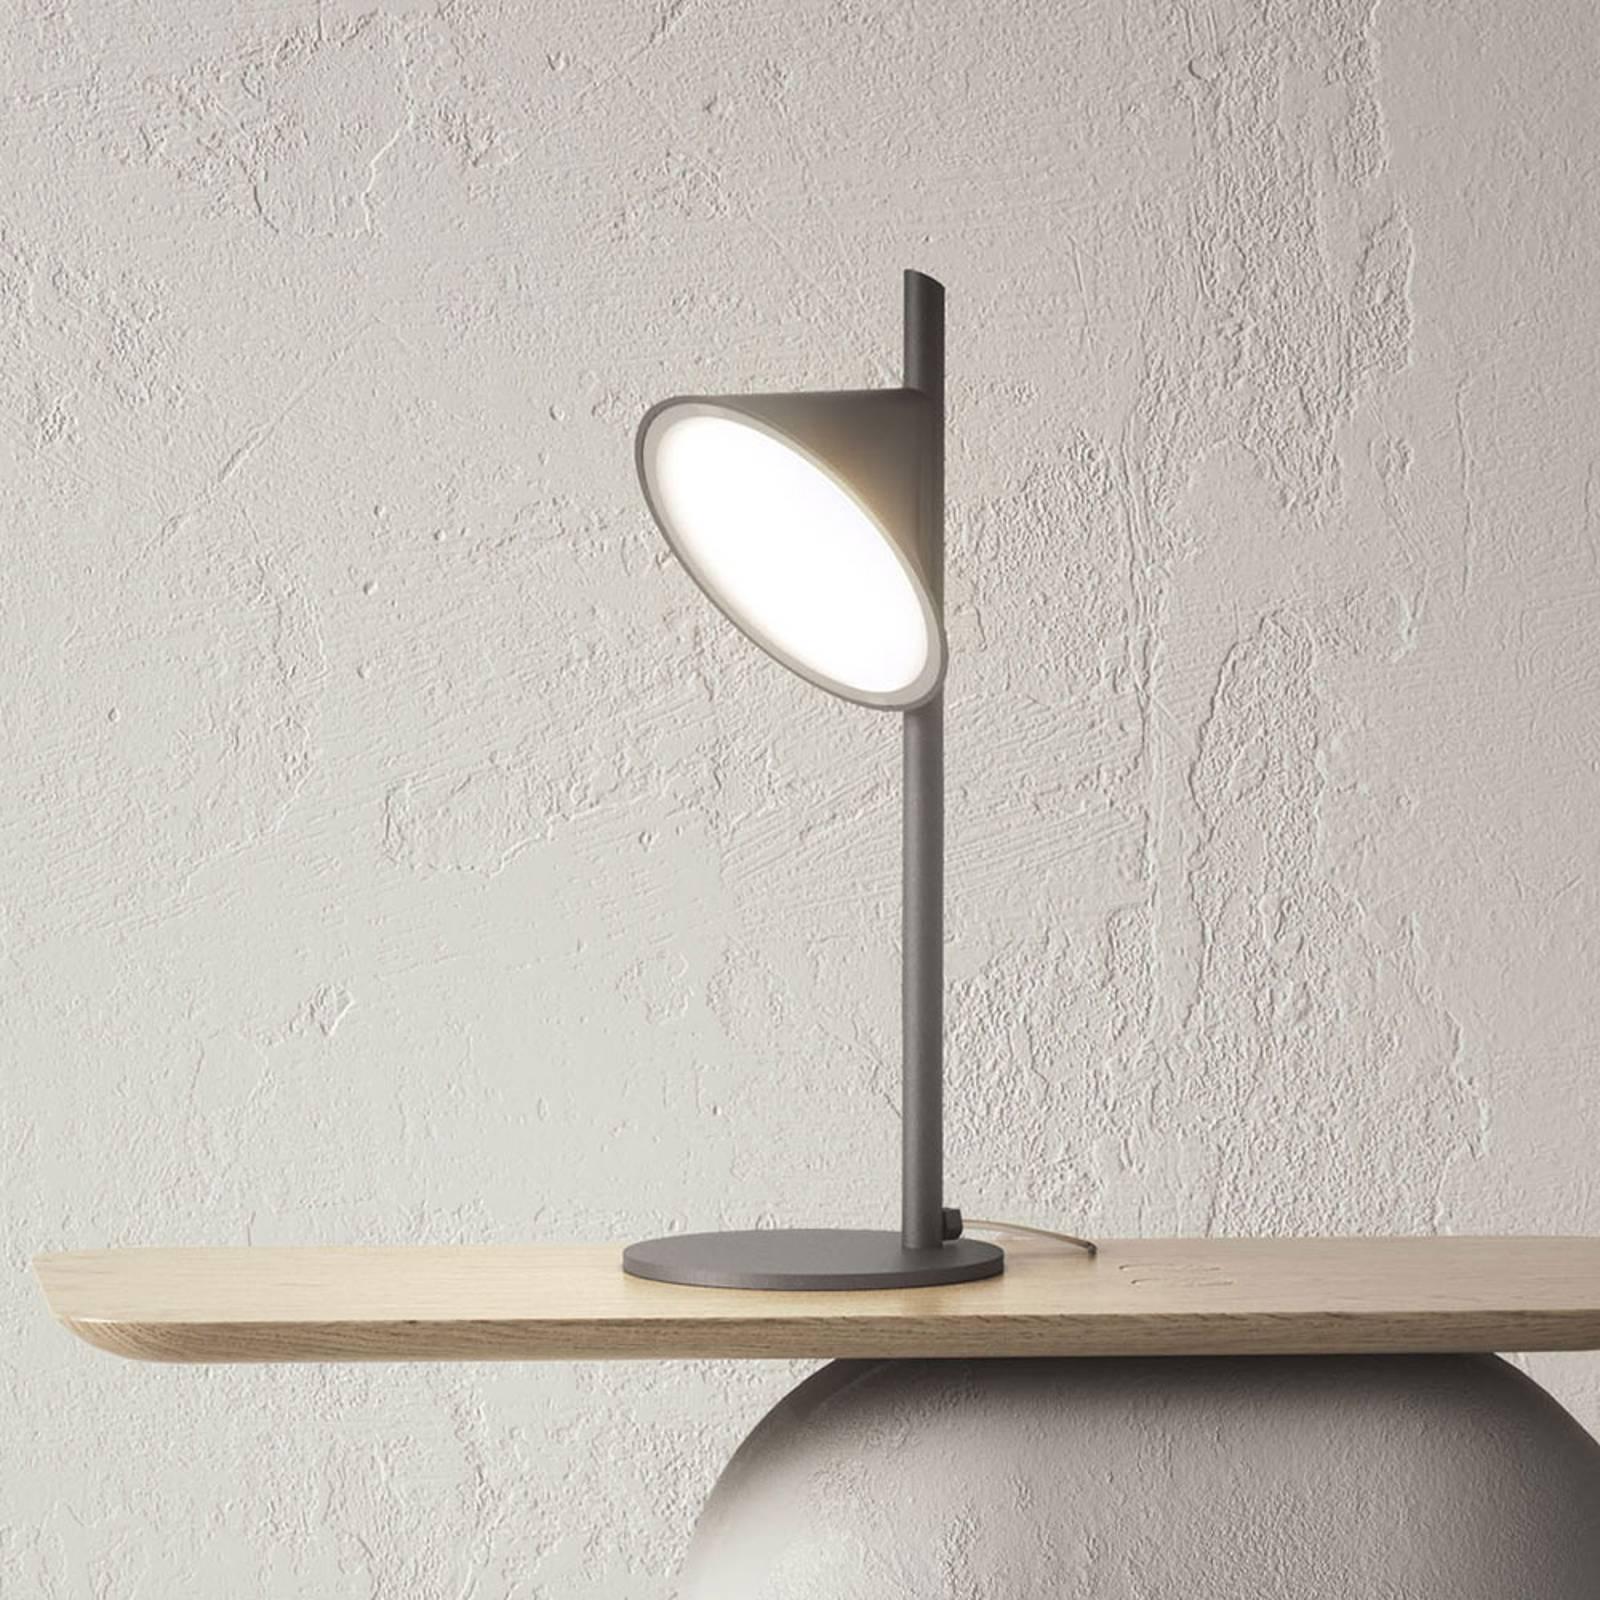 Axolight Orchid lampe à poser LED, gris foncé